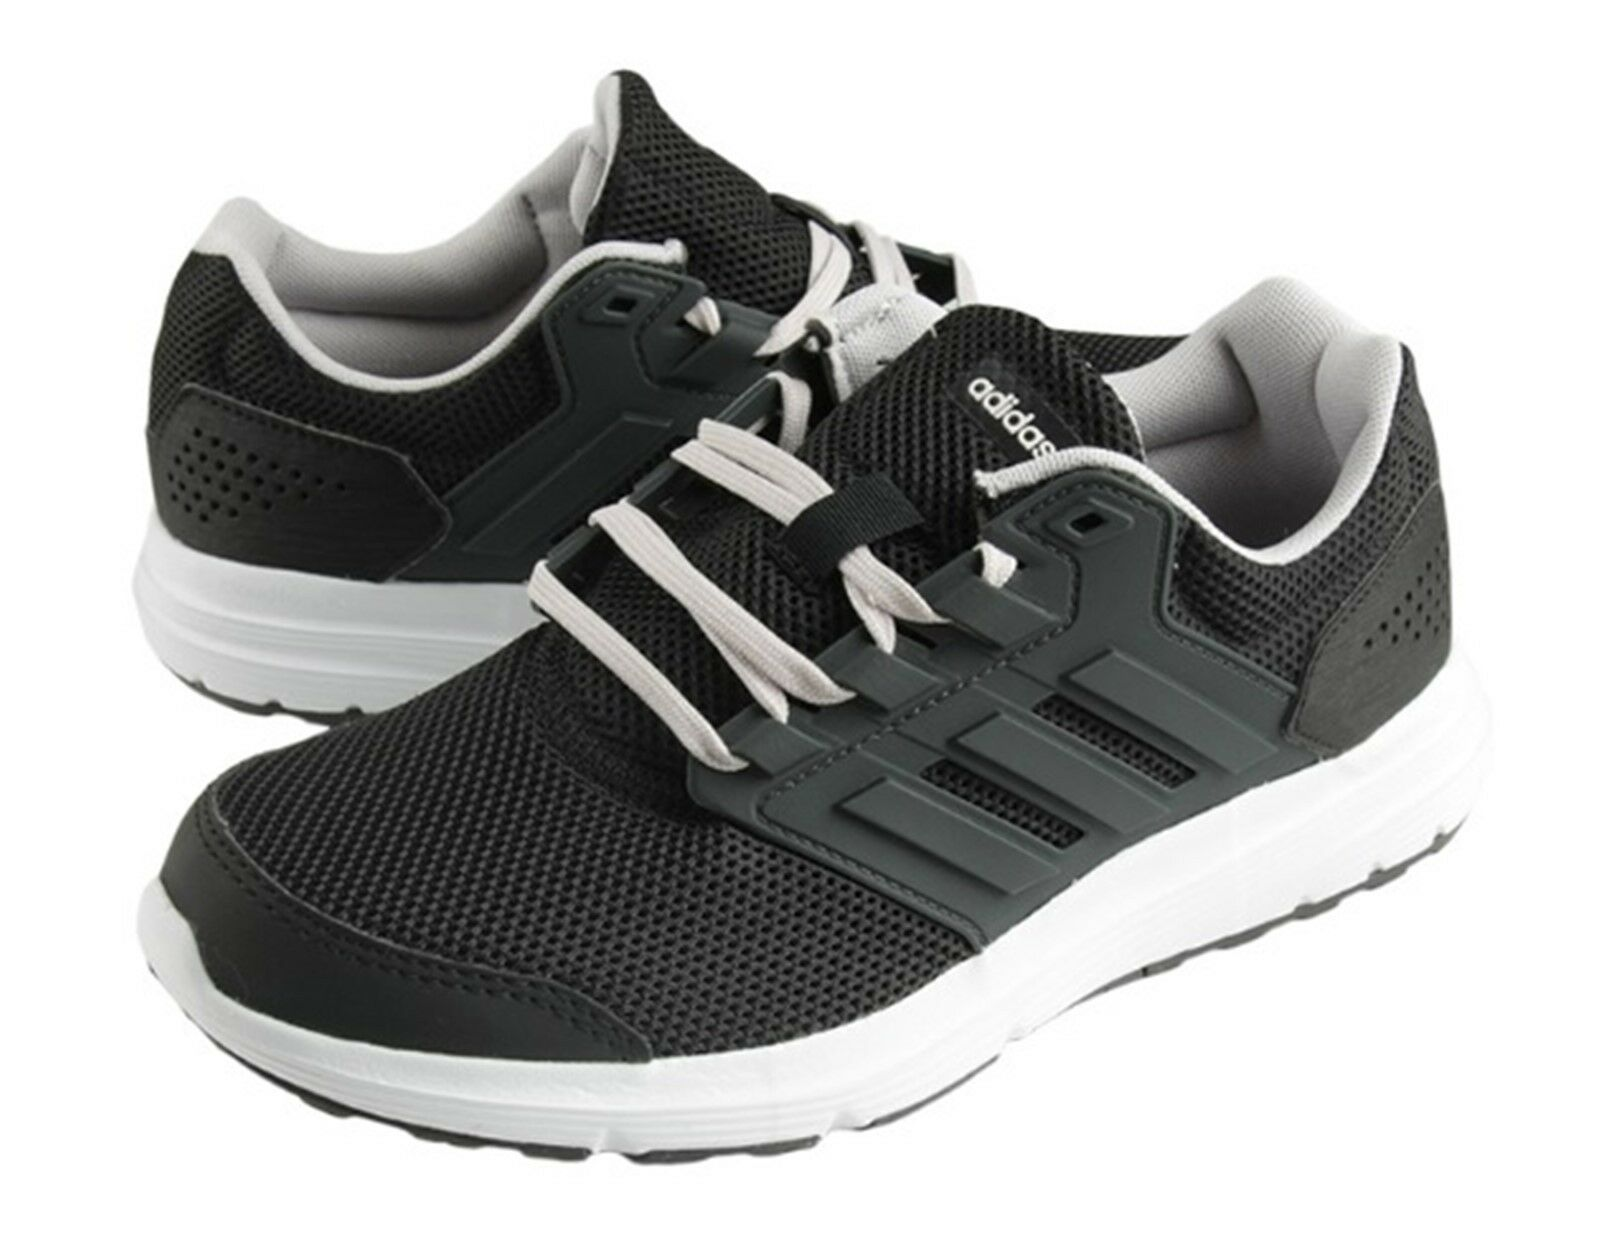 Zapatos De Entrenamiento Adidas Mujer Galaxy 4 Negro blancoo Zapatillas  Zapato de correr B43837  forma única